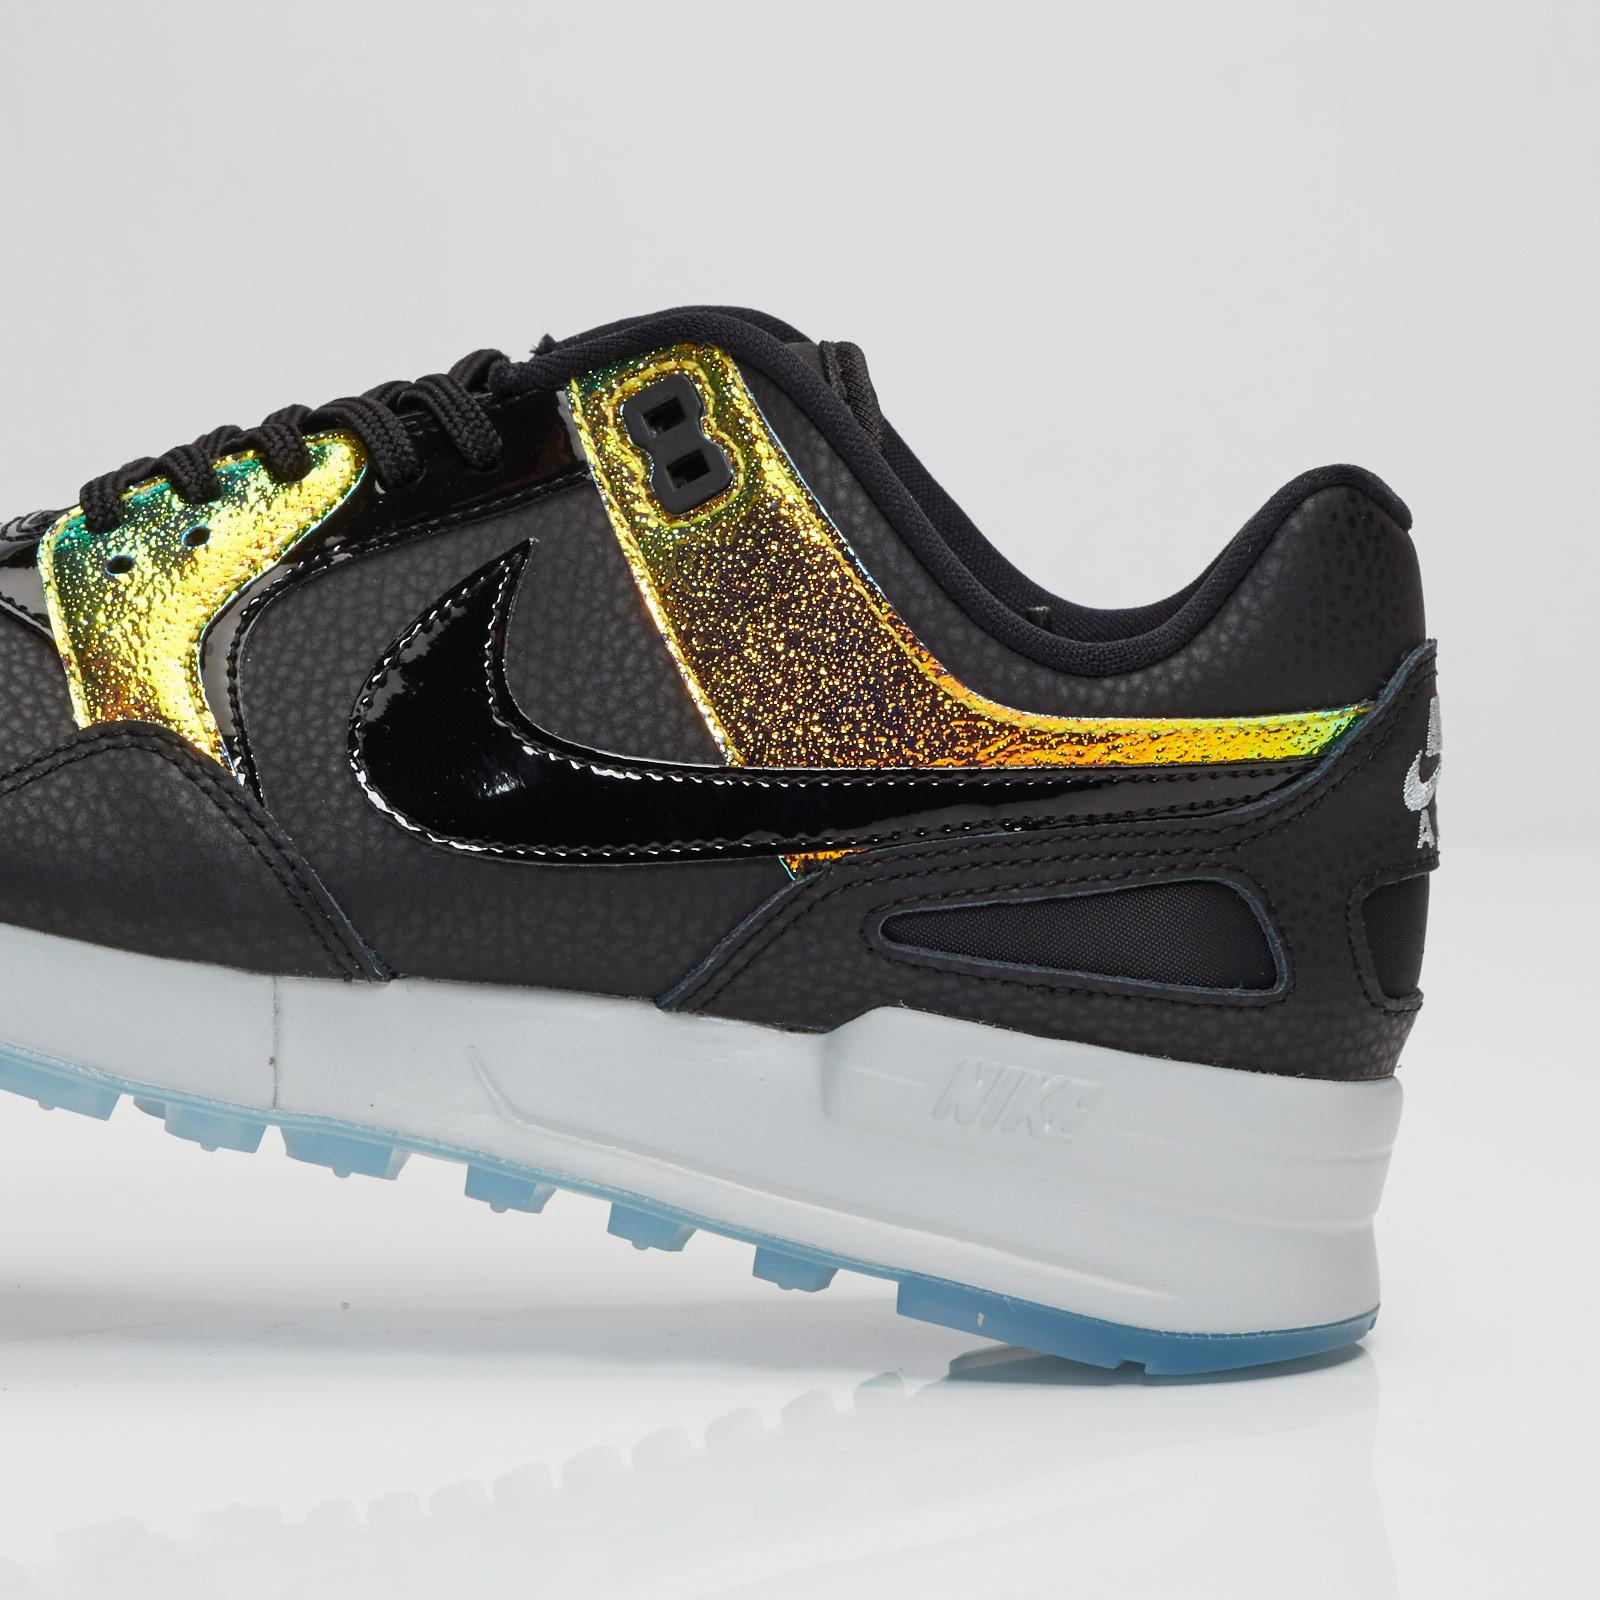 sale retailer ab1c6 fa9c9 ... Nike Wmns Air Pegasus 89 Premium